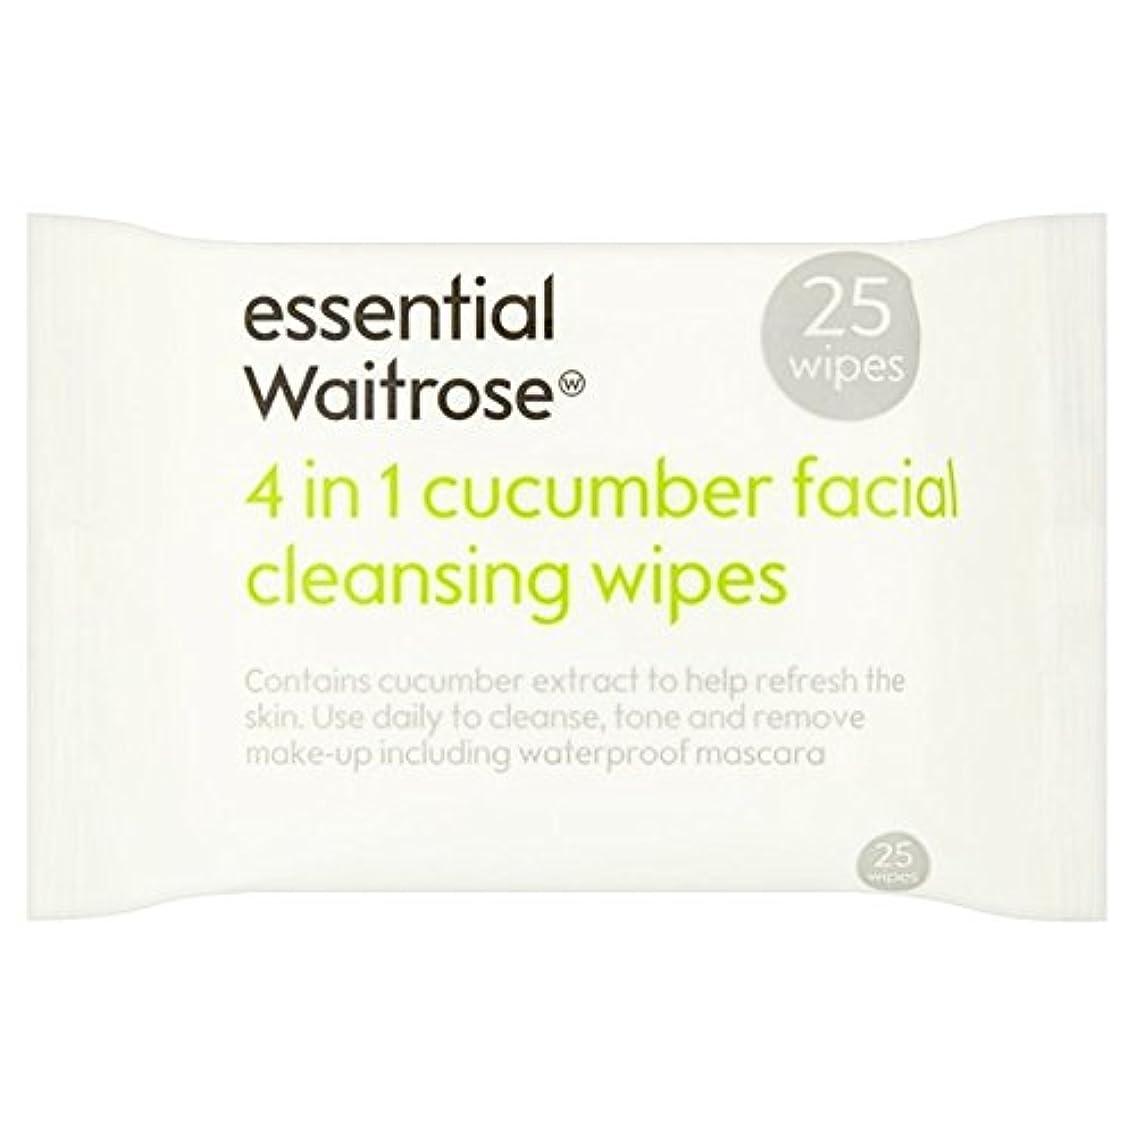 蜜シリーズ流産Cucumber Facial Wipes essential Waitrose 25 per pack (Pack of 6) - キュウリ顔のワイプパックあたり不可欠ウェイトローズ25 x6 [並行輸入品]